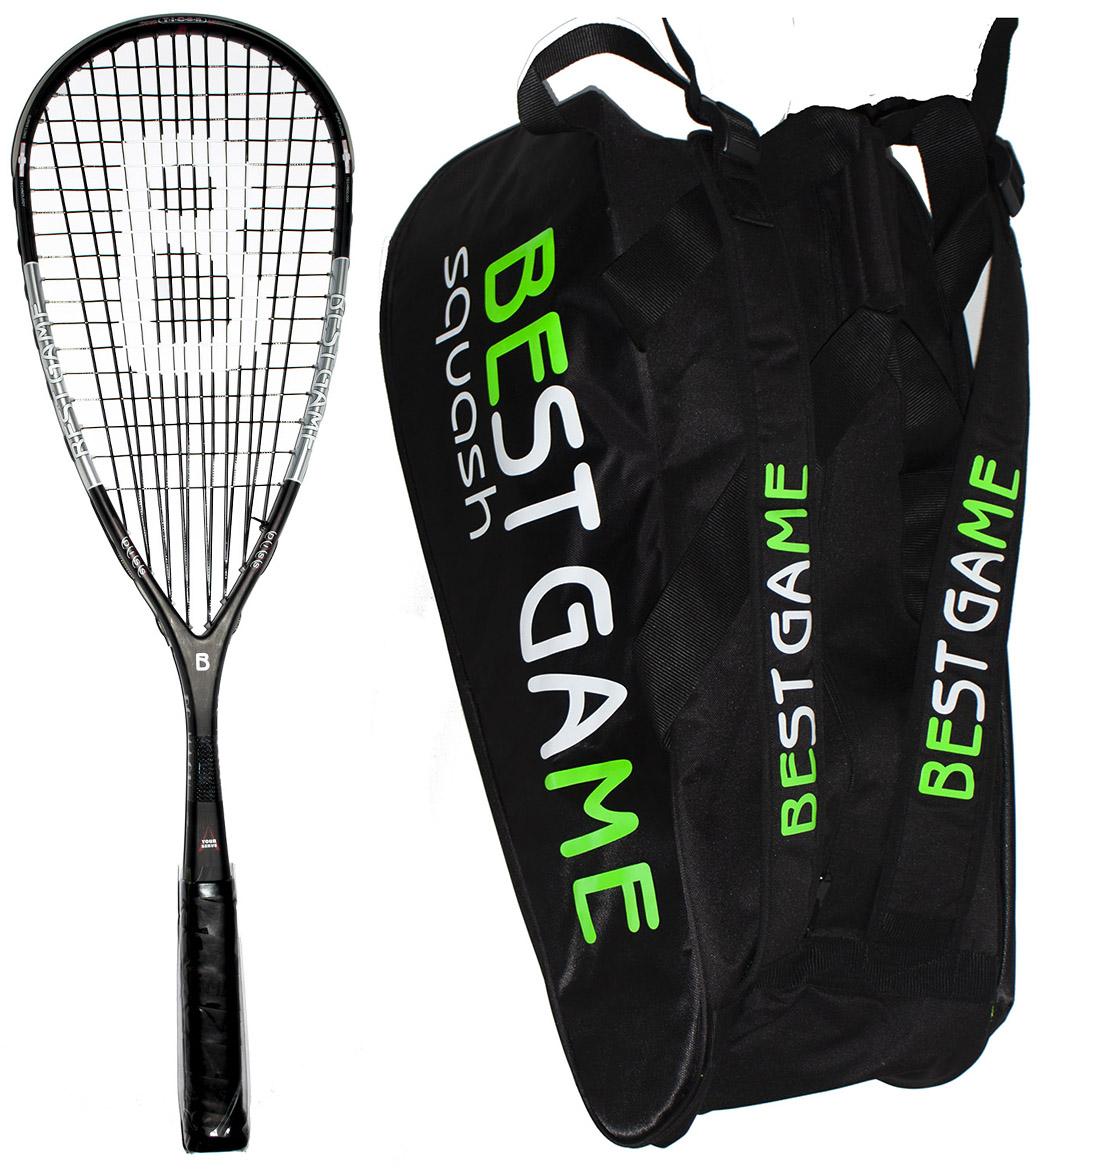 Ce qui fait la raquette plus le sac à moitié prix ! Les packs font des cadeaux idéaux avec des équipements homogènes ou compatibles avec des remises imbattables.